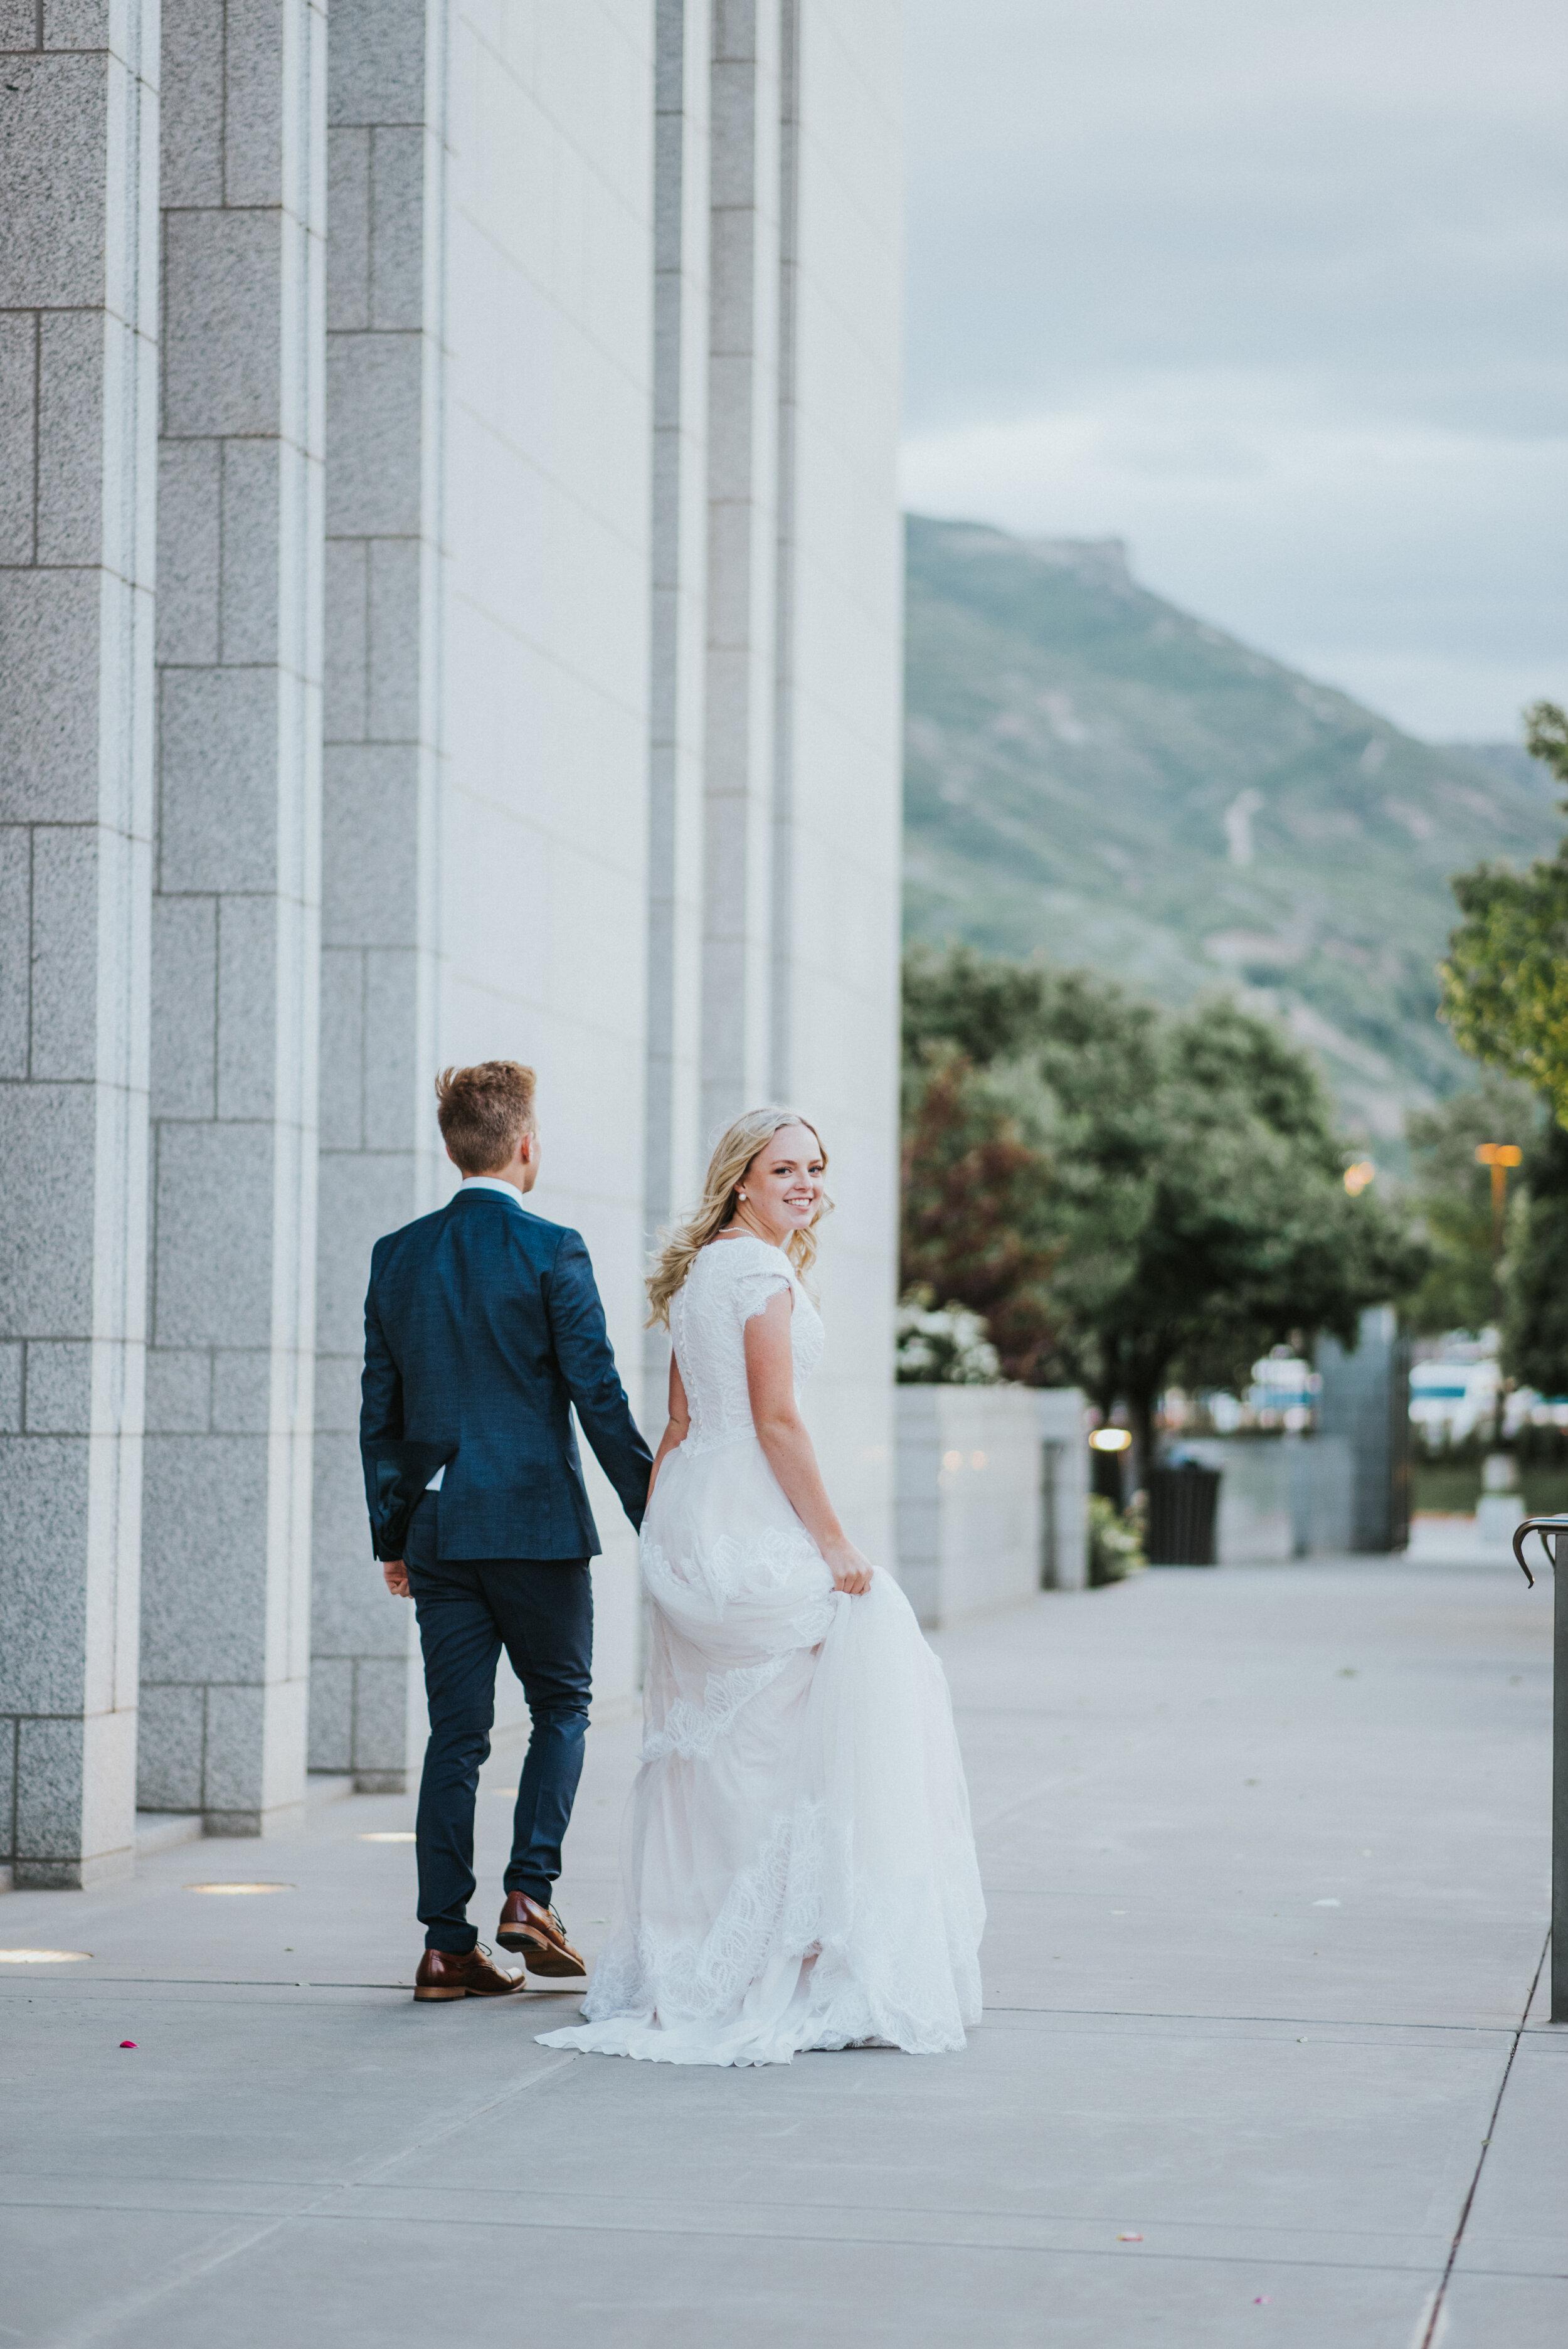 wedding_couple_walking_away.JPG